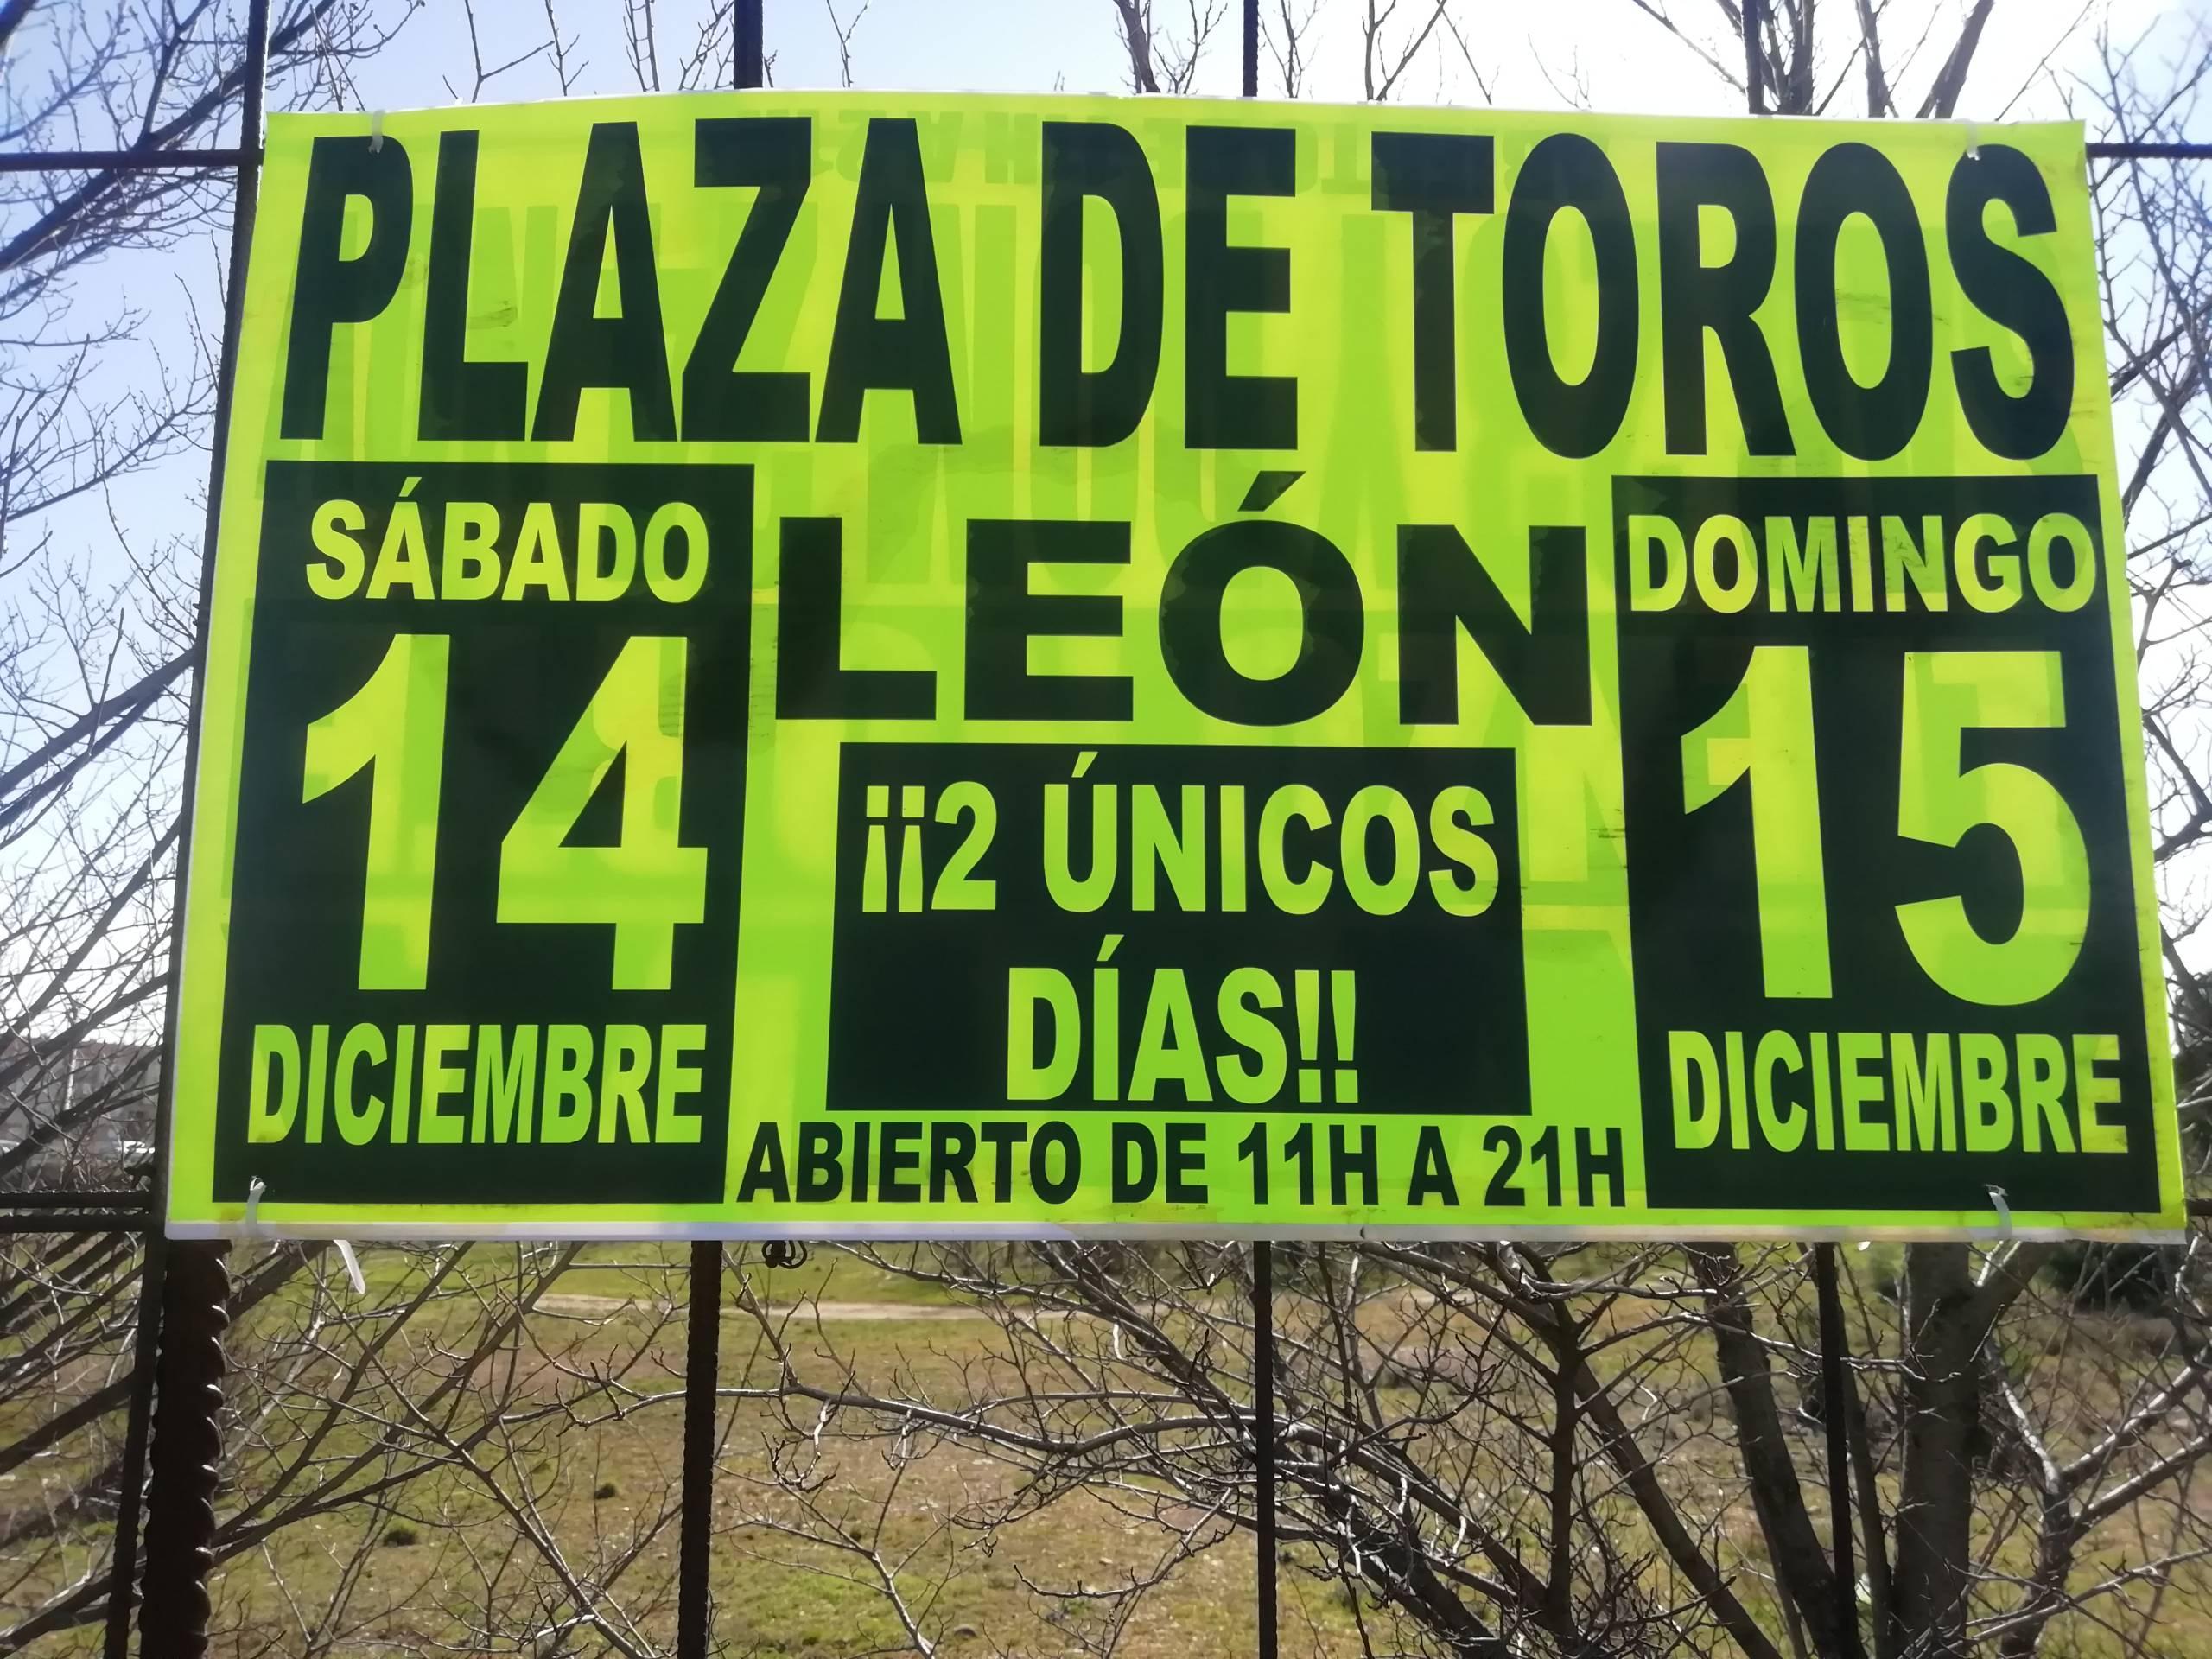 cartel misterioso de la plaza de toros de león